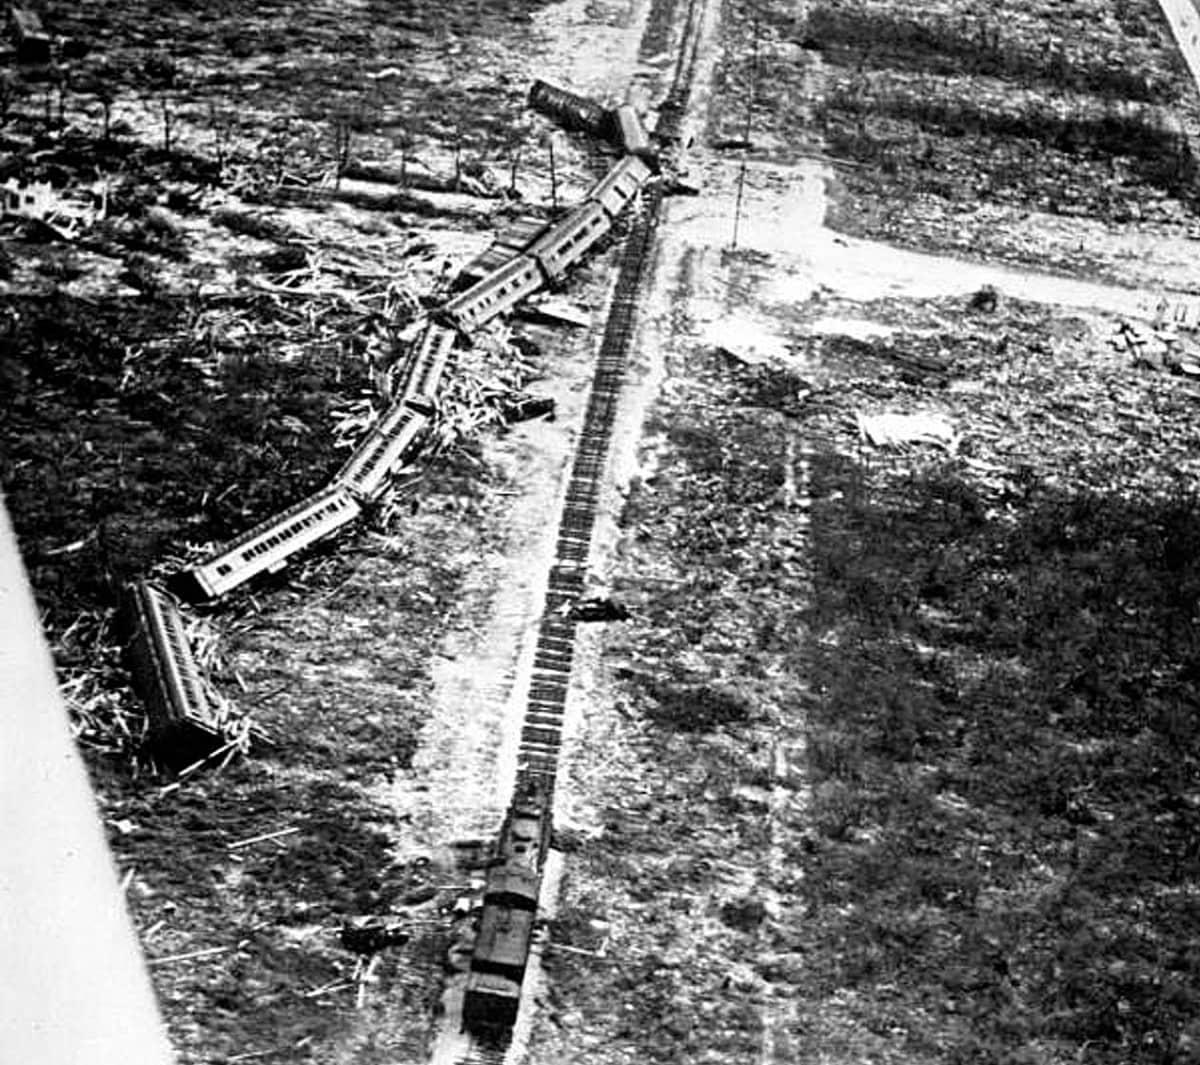 Hurrikaanin kaatama juna Floridassa vuonna 1935.